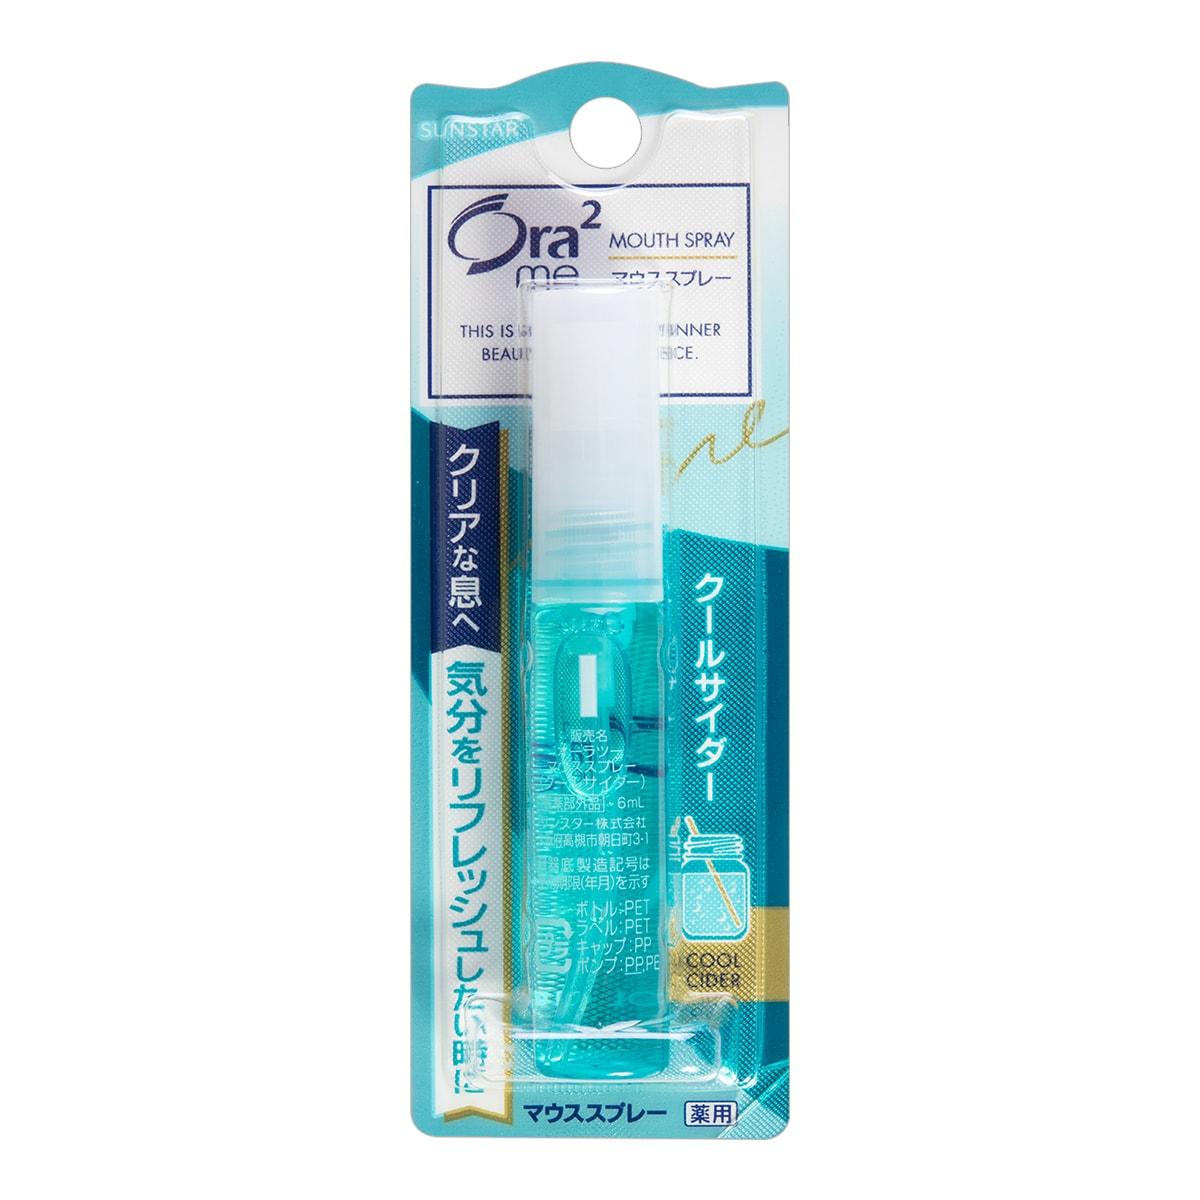 日本SUNSTAR ORA2 皓乐齿 口气清新剂 清新薄荷味 6ml